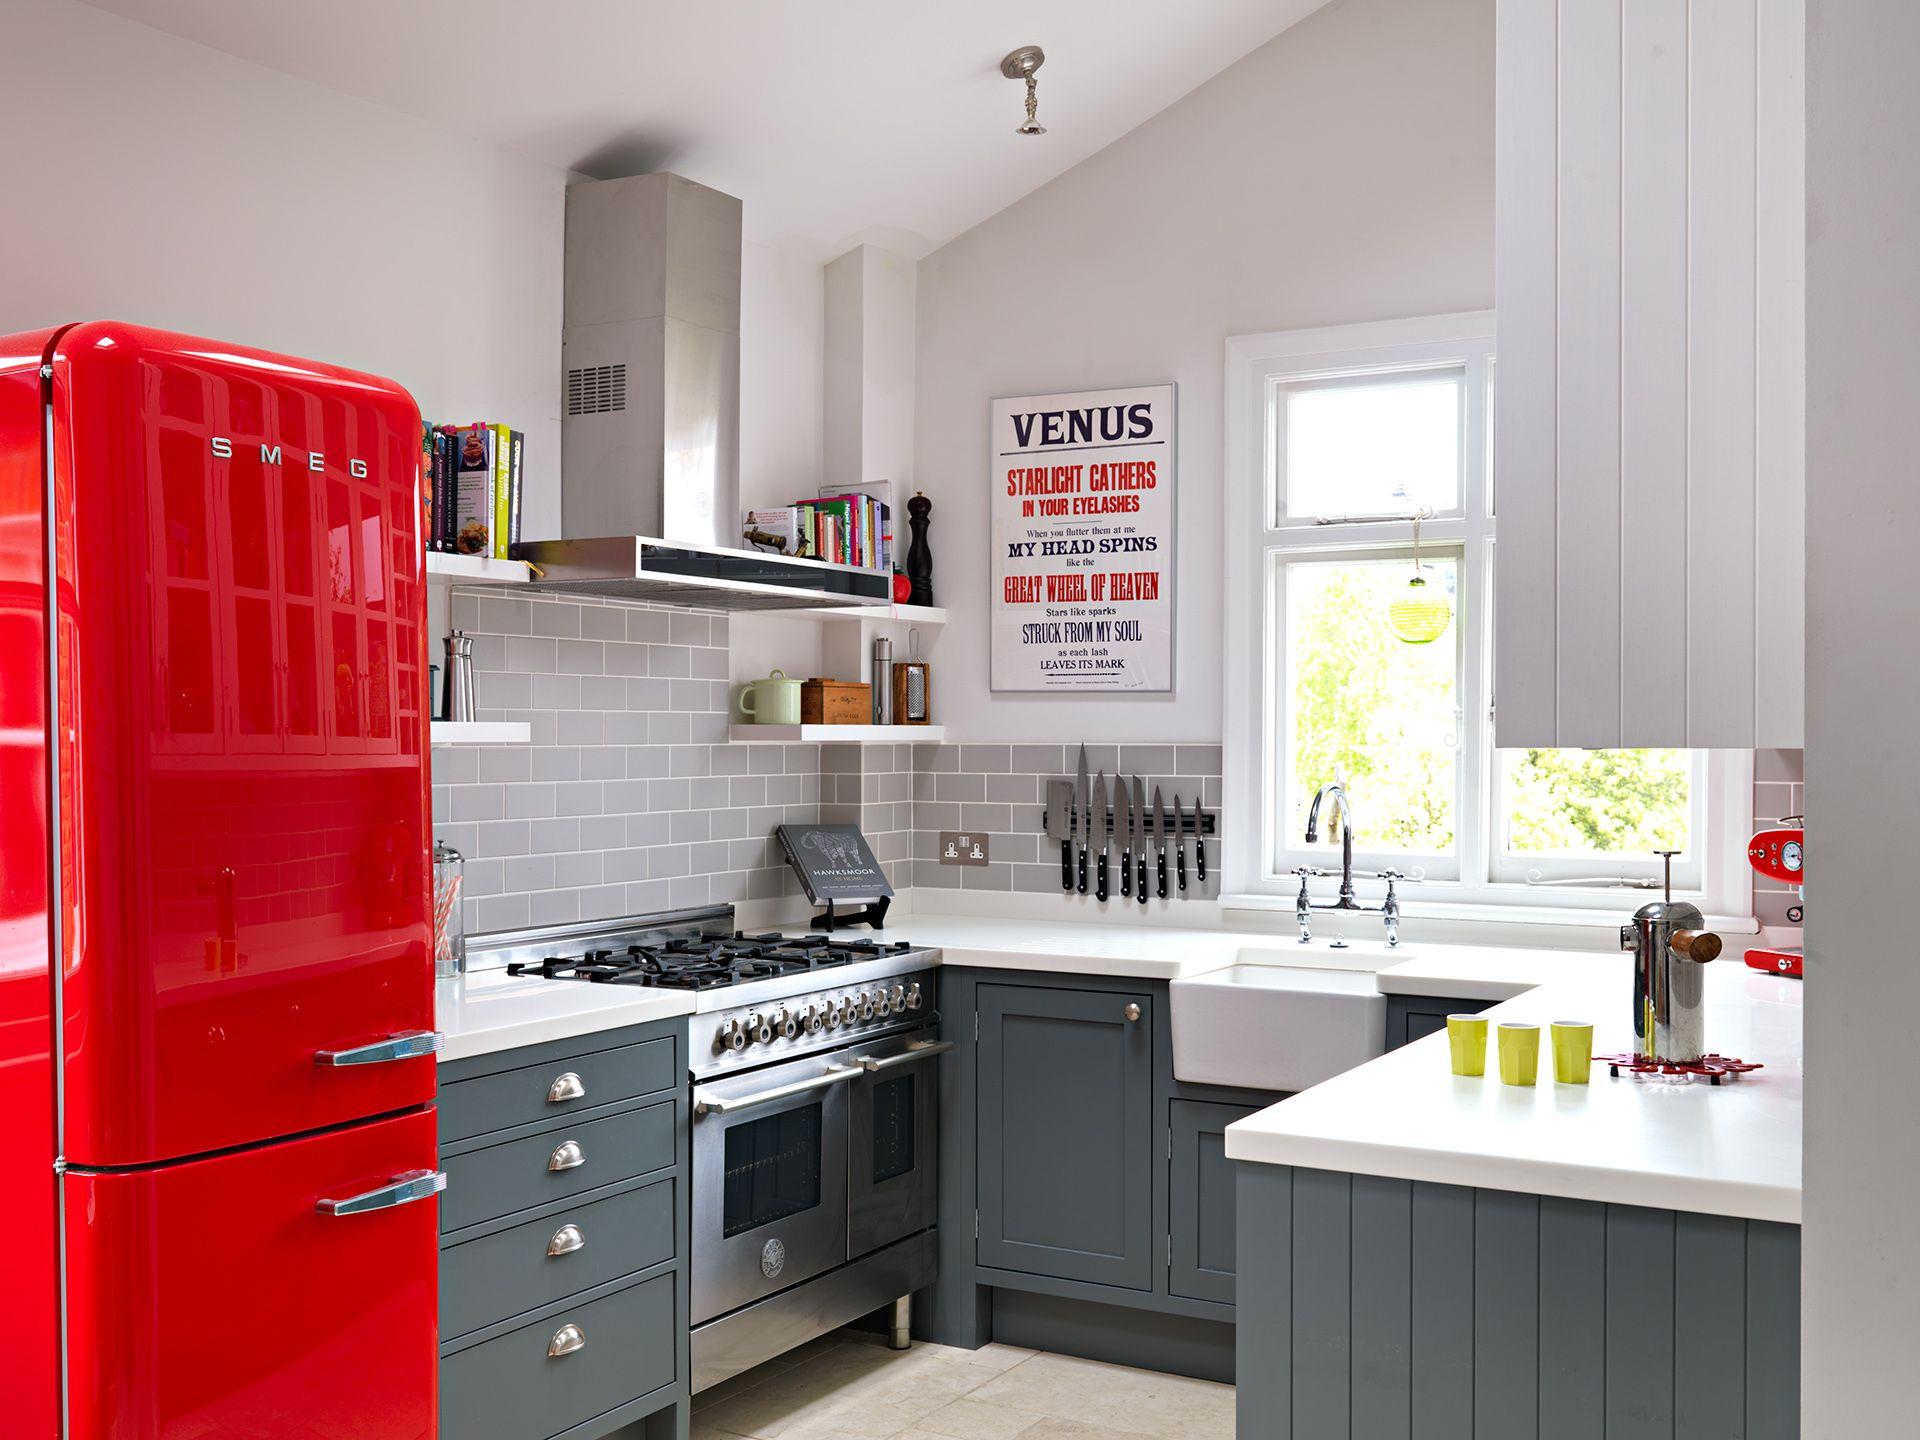 Küche interieur farbschemata pin von deko auf küche  pinterest  kleine küchen ideen küchen